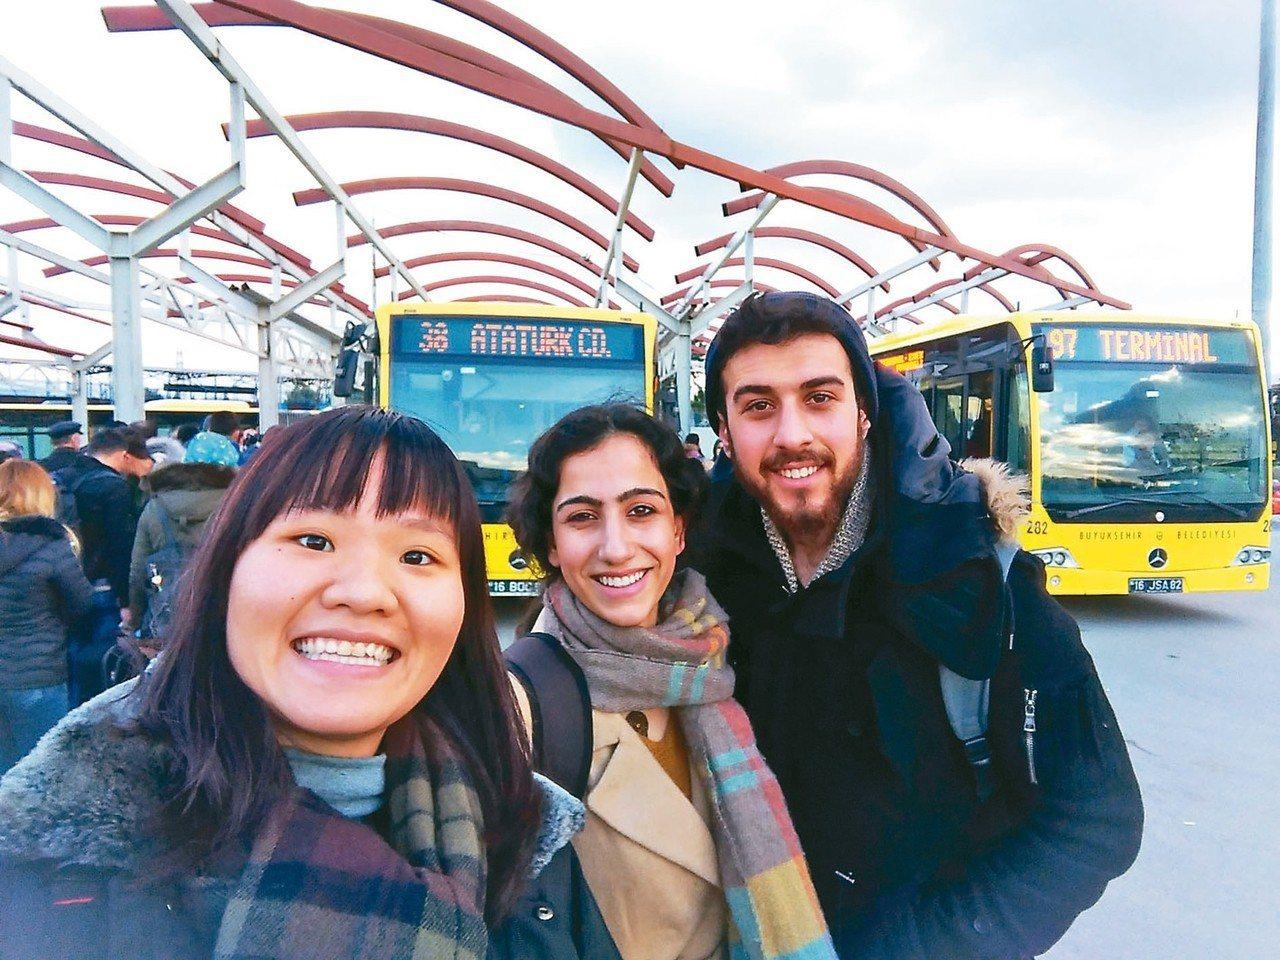 北藝大美術系學生林子渝(左),去年寒假赴土耳其體驗當地的藝術、文化。 圖/教育部...